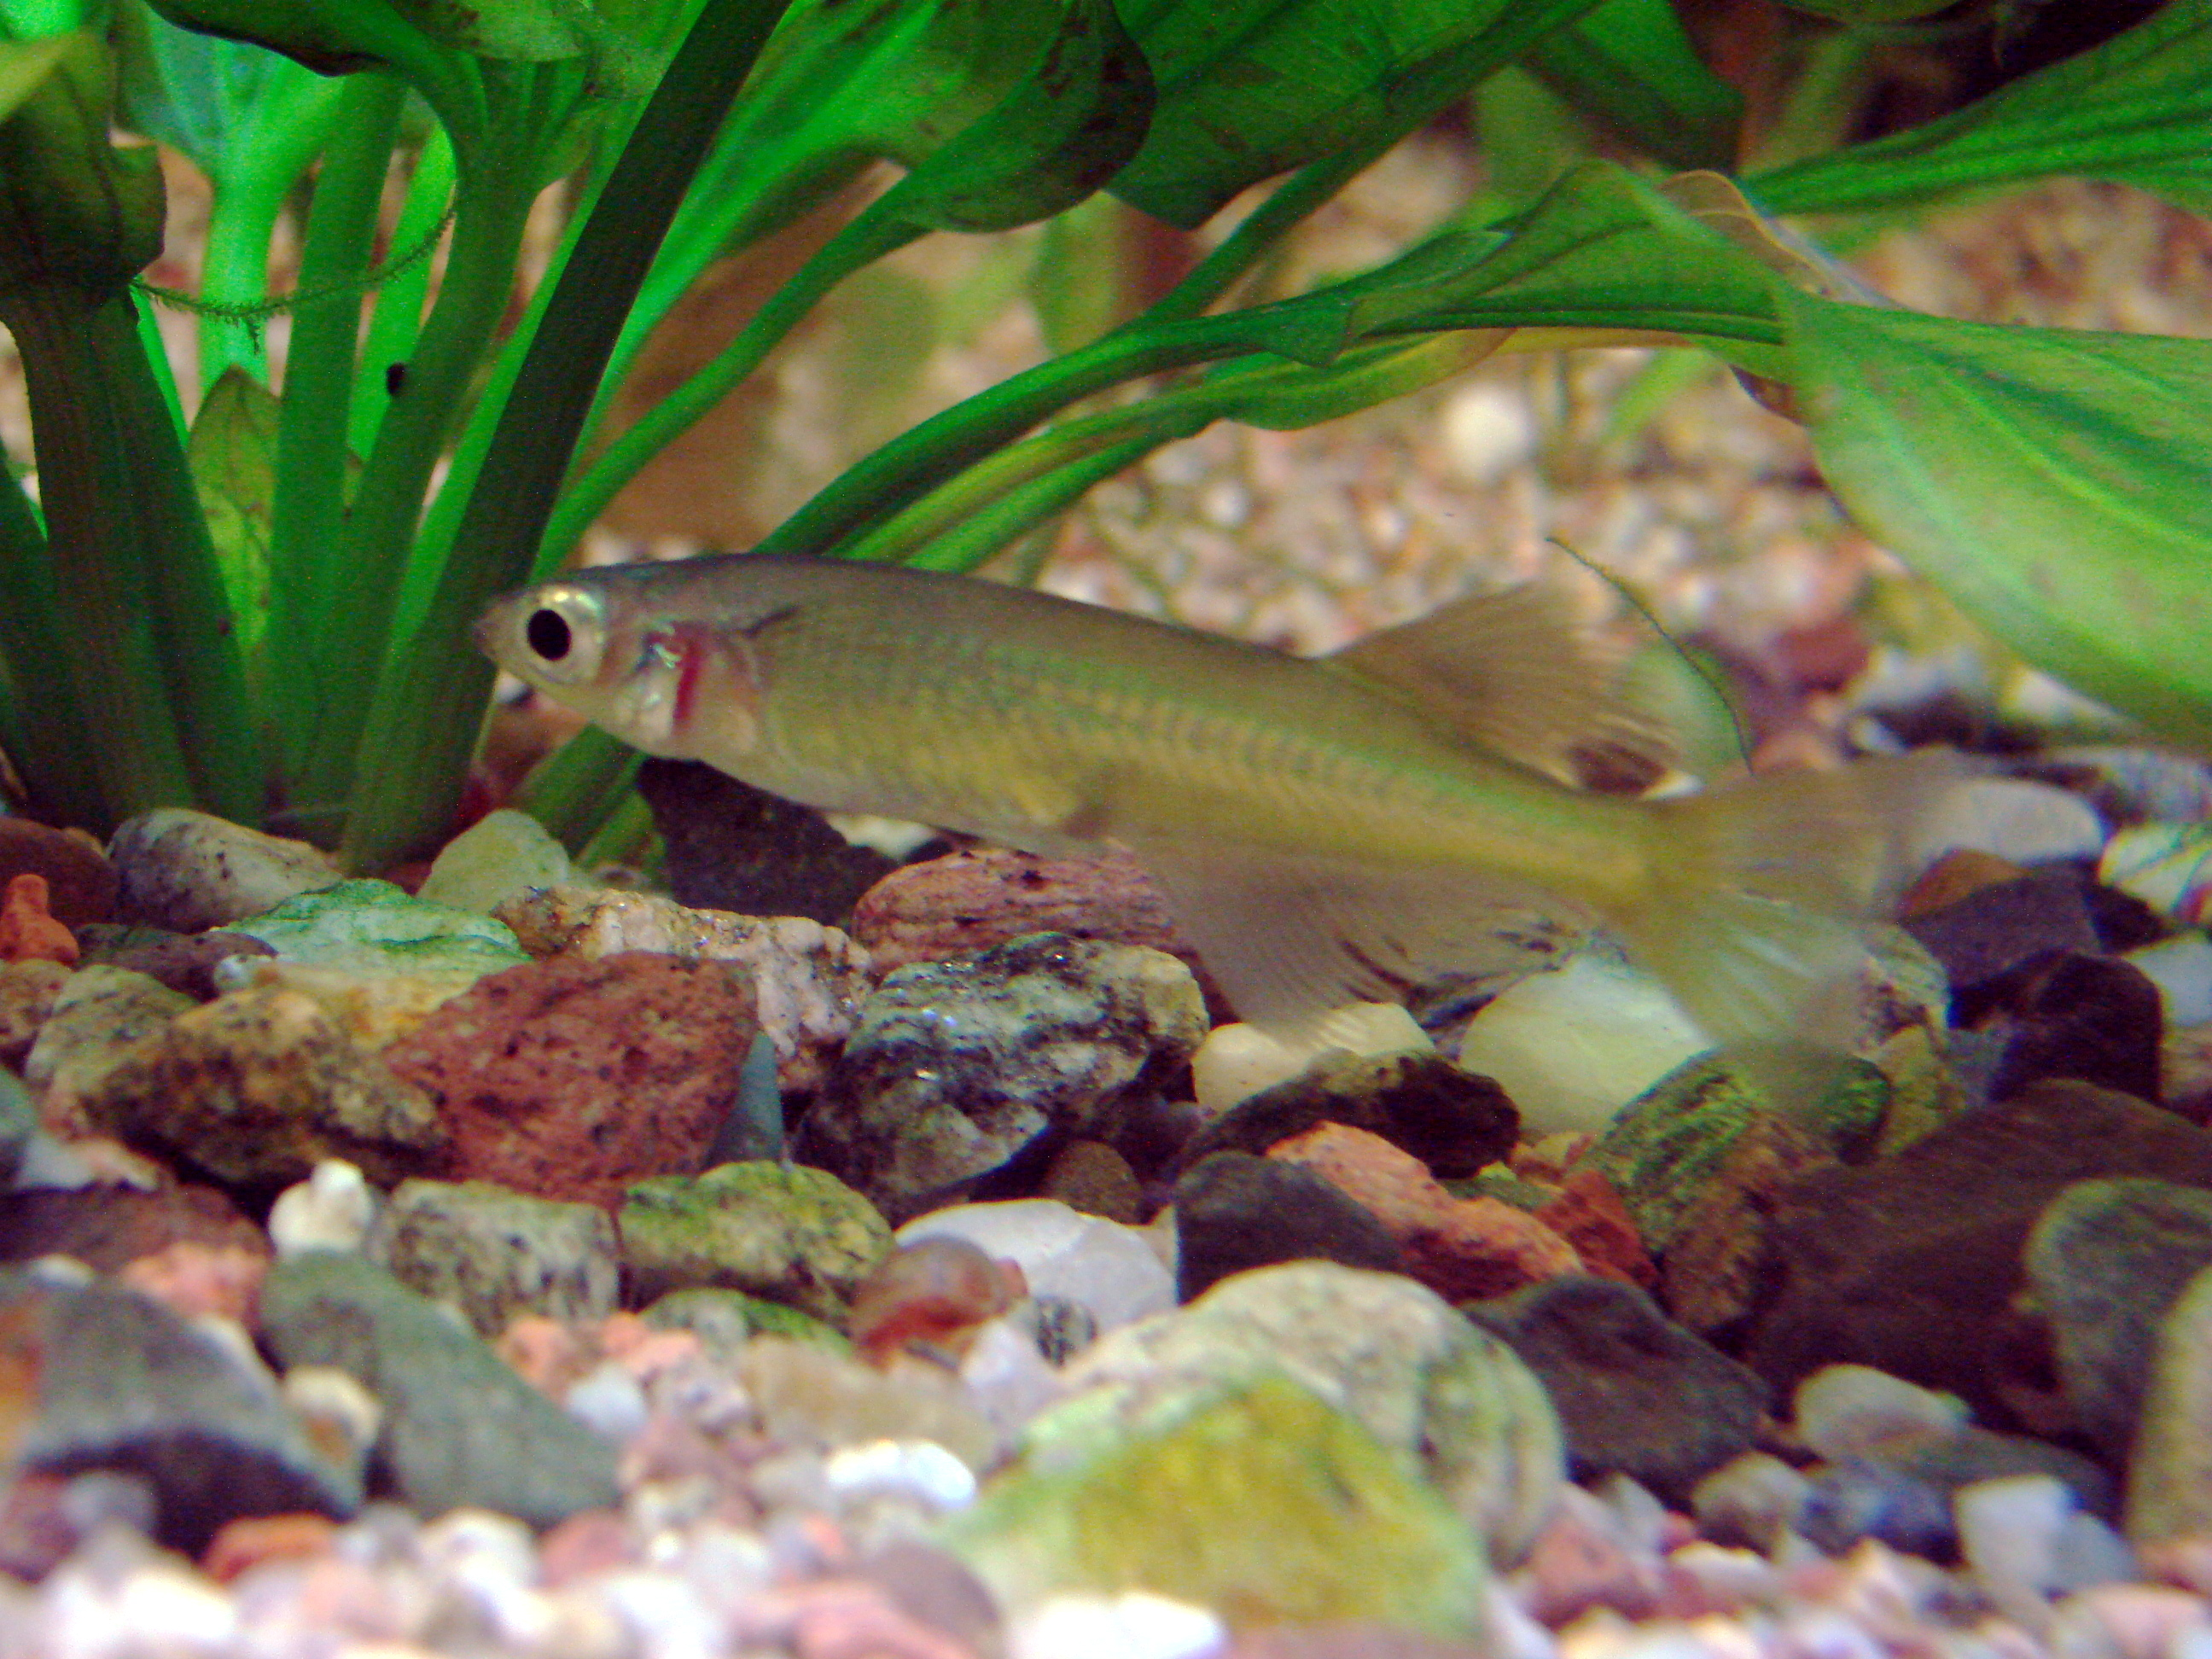 Download 95 Koleksi Gambar Ikan Rono HD Terbaik